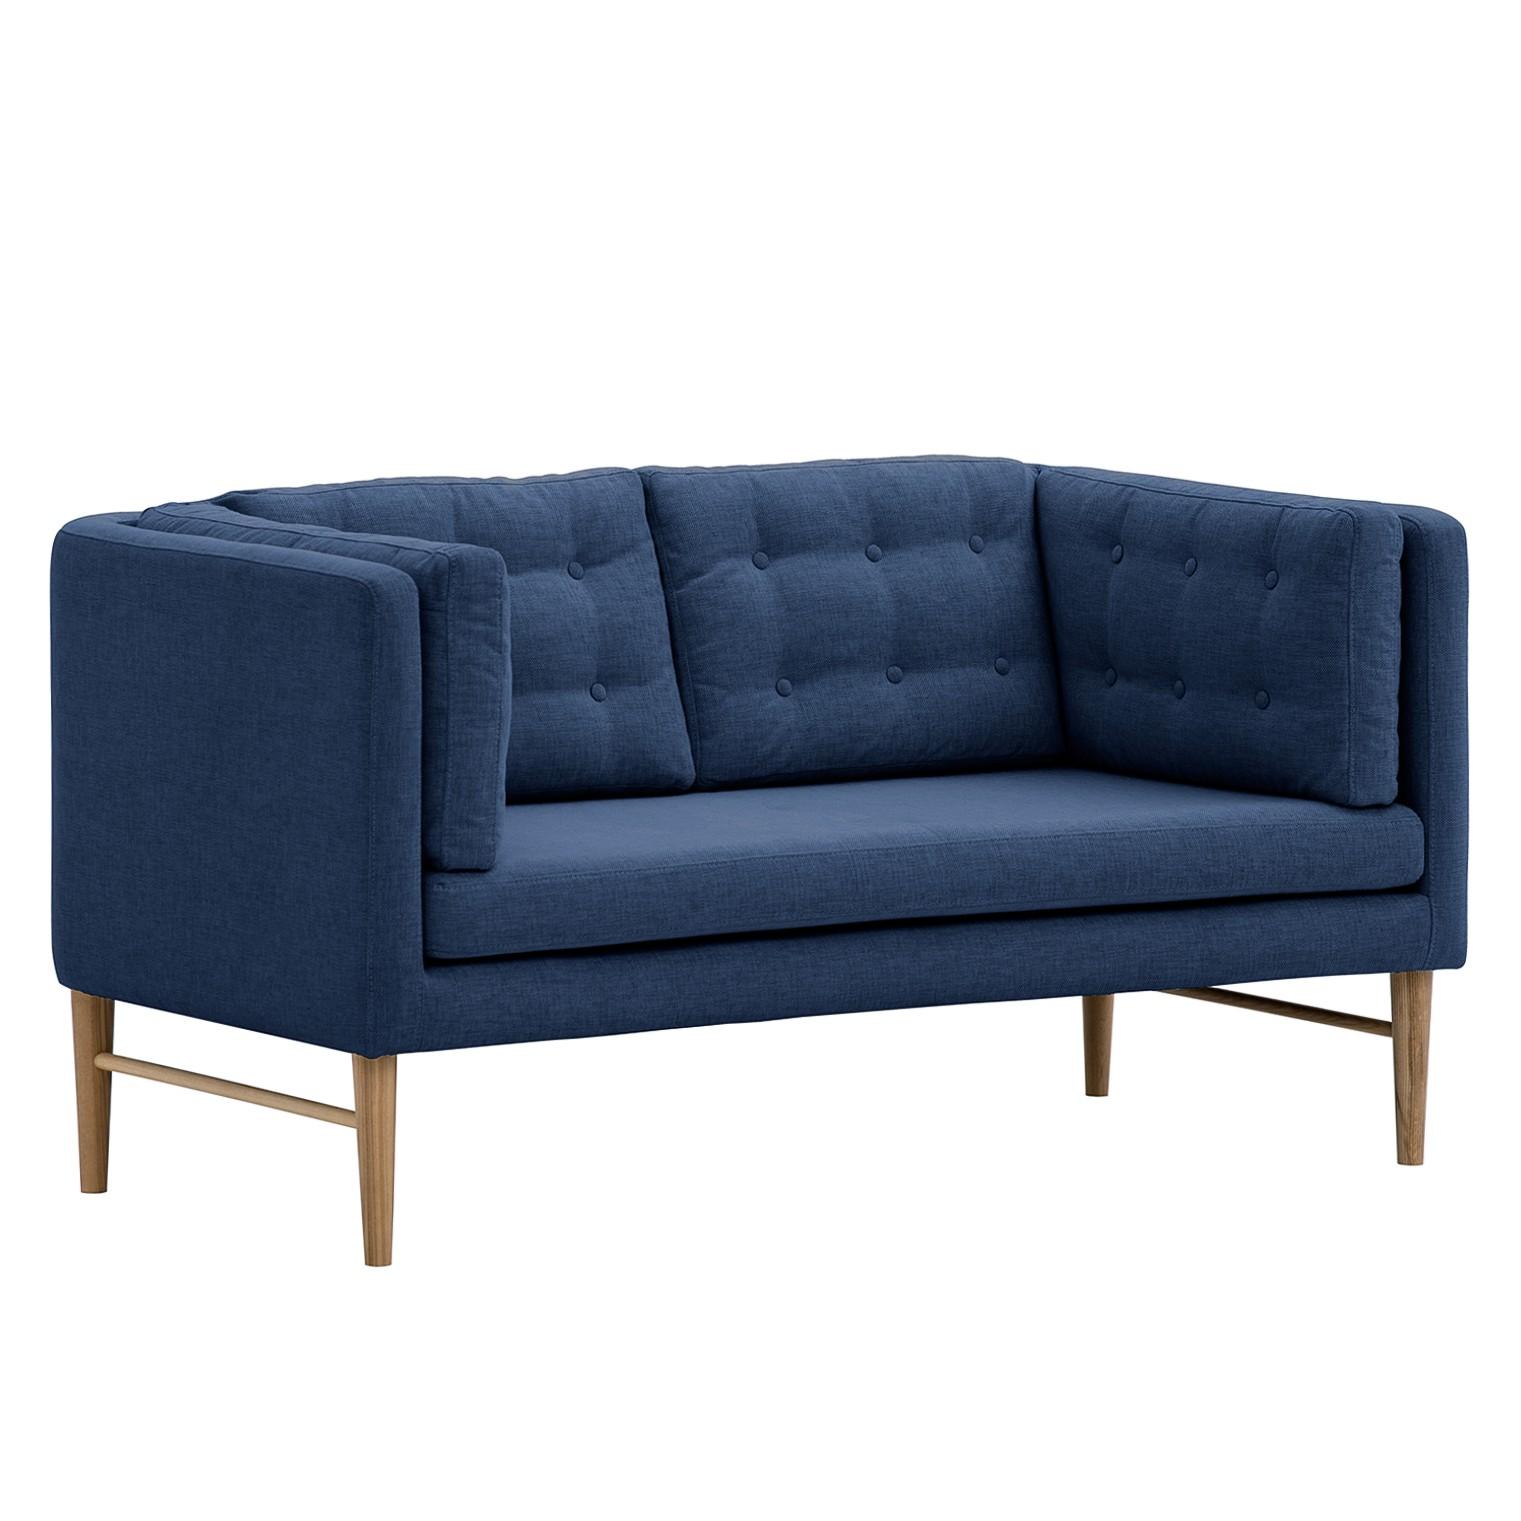 2 & 3 Sitzer Sofas online kaufen | Möbel-Suchmaschine ...